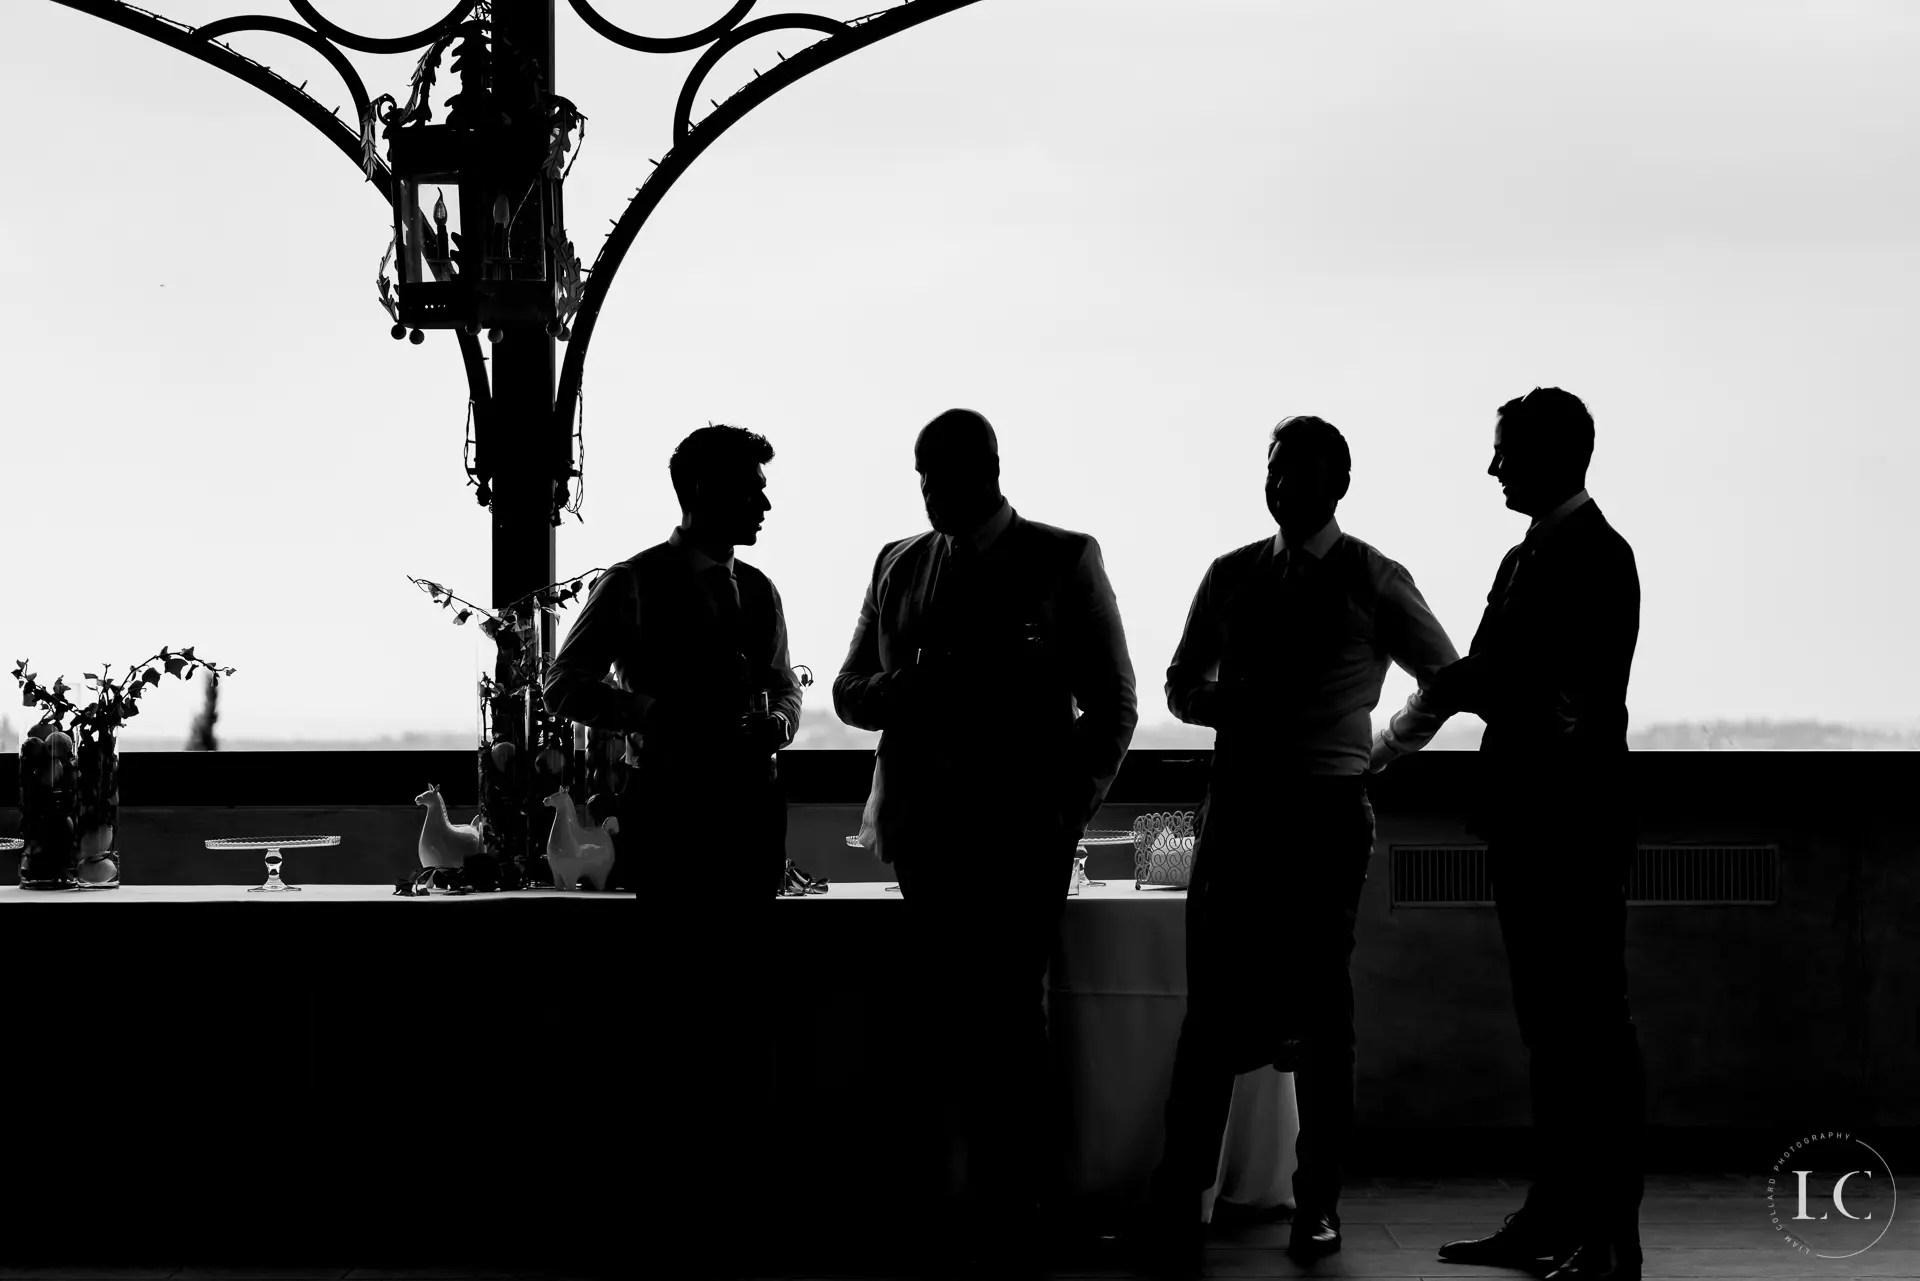 Shadows of groomsmen